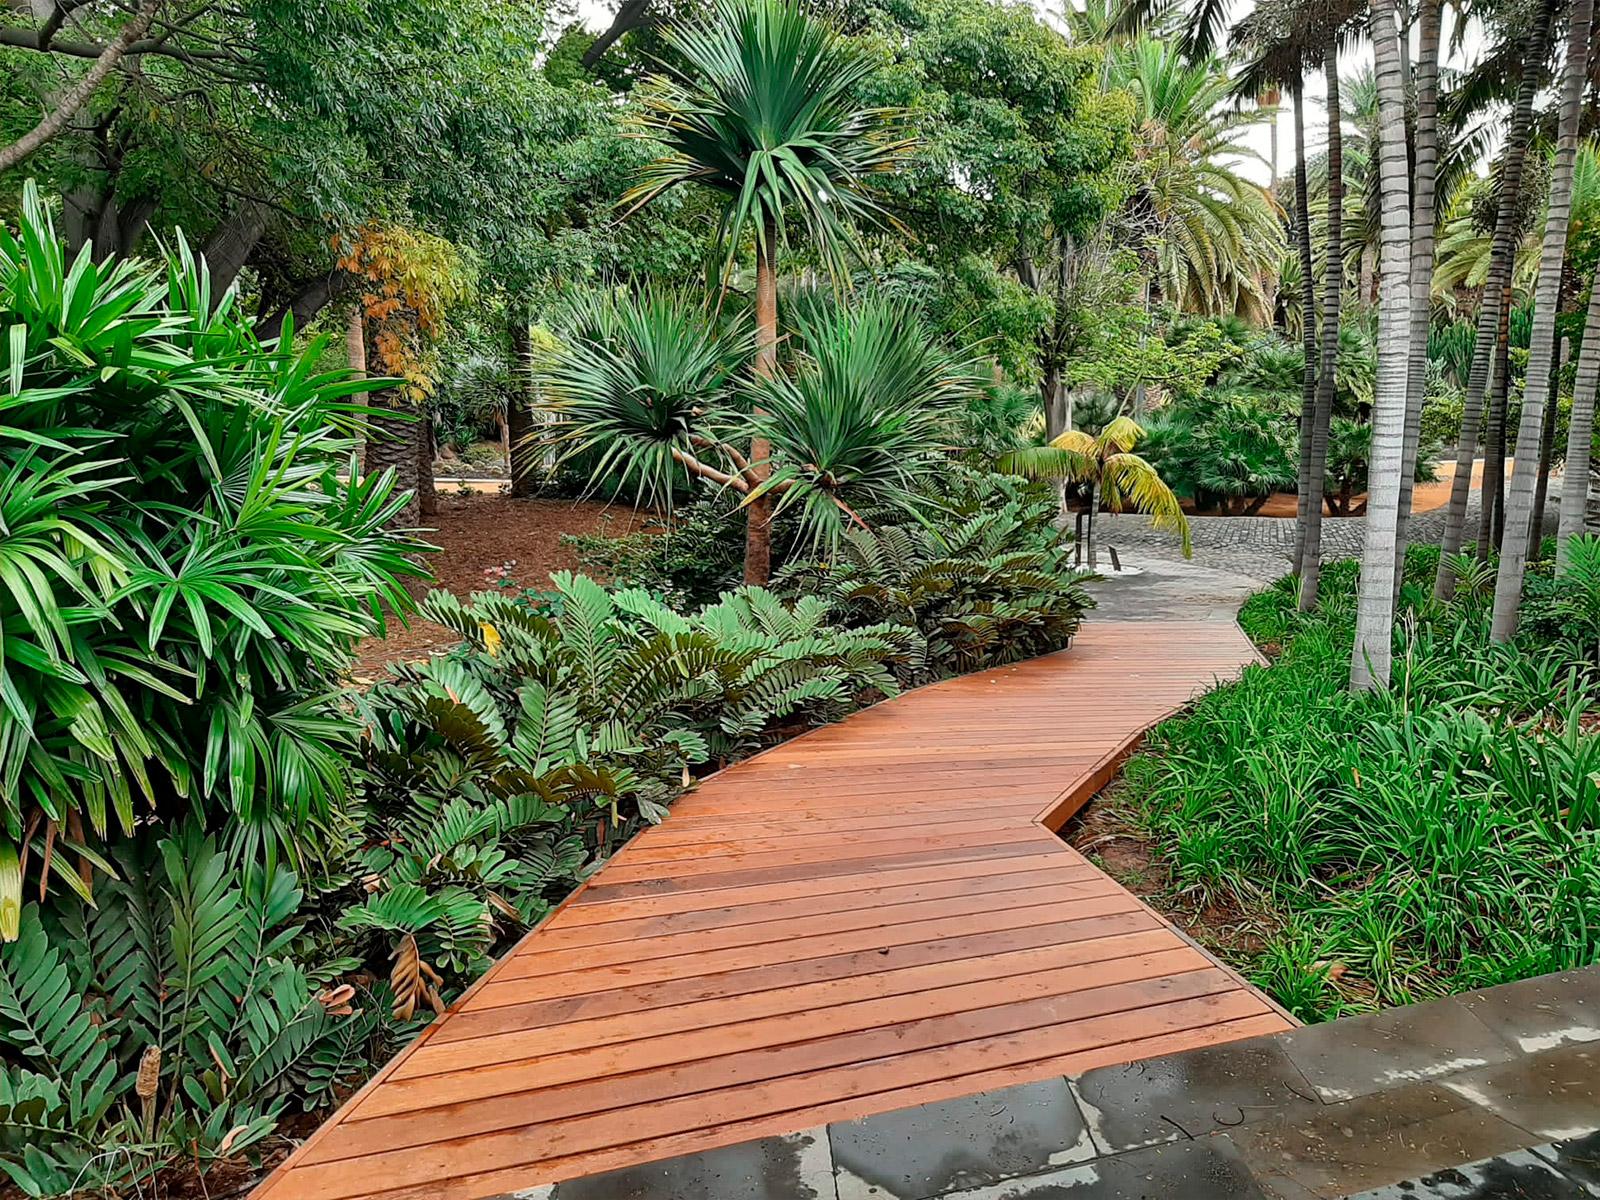 Rehabilitación de los paseos de madera del Parque García Sanabria